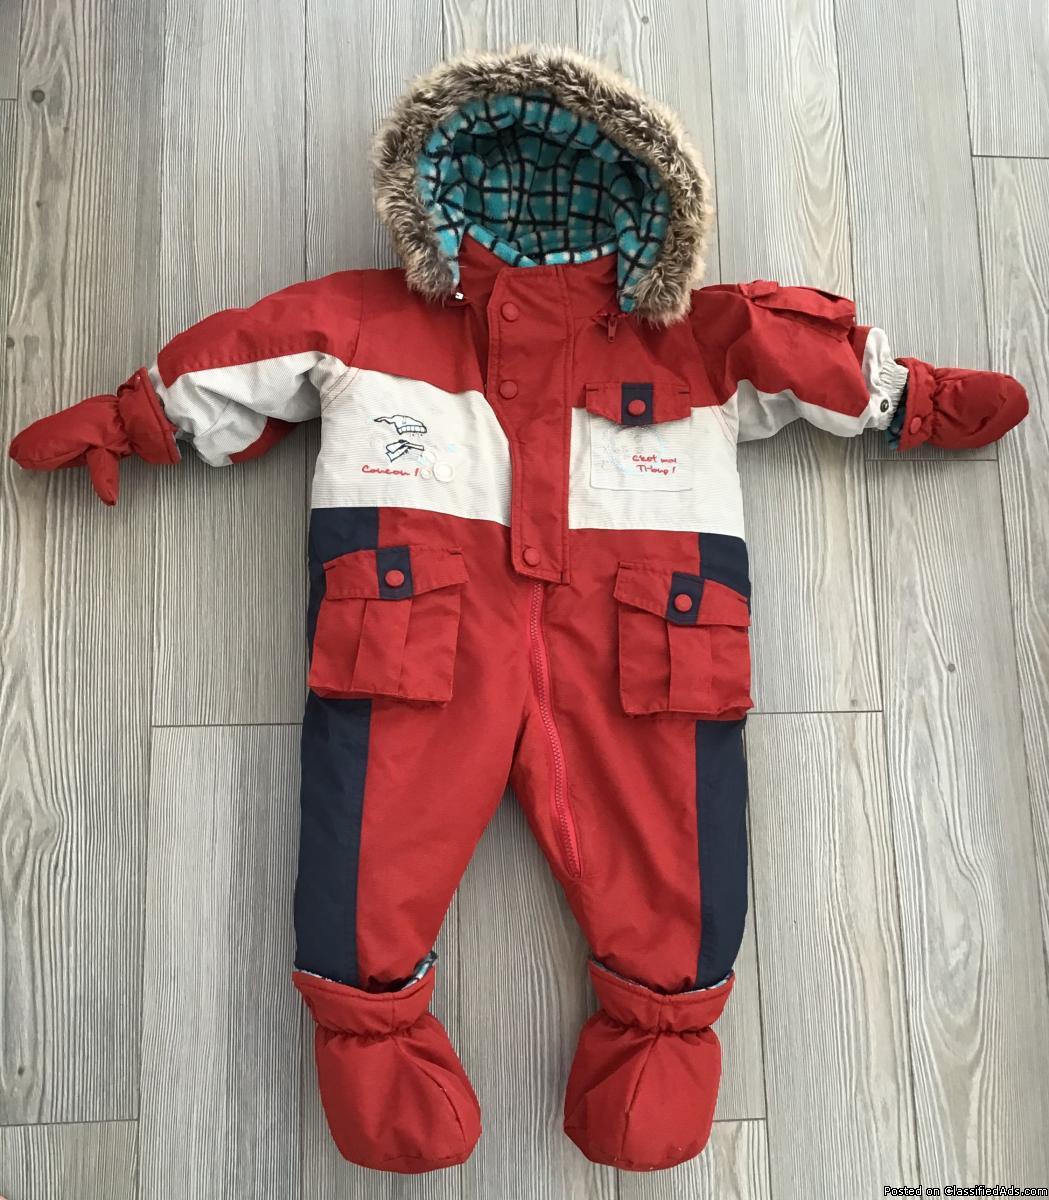 Habit de neige bébé garçon 6-12 mois Winter suit for baby